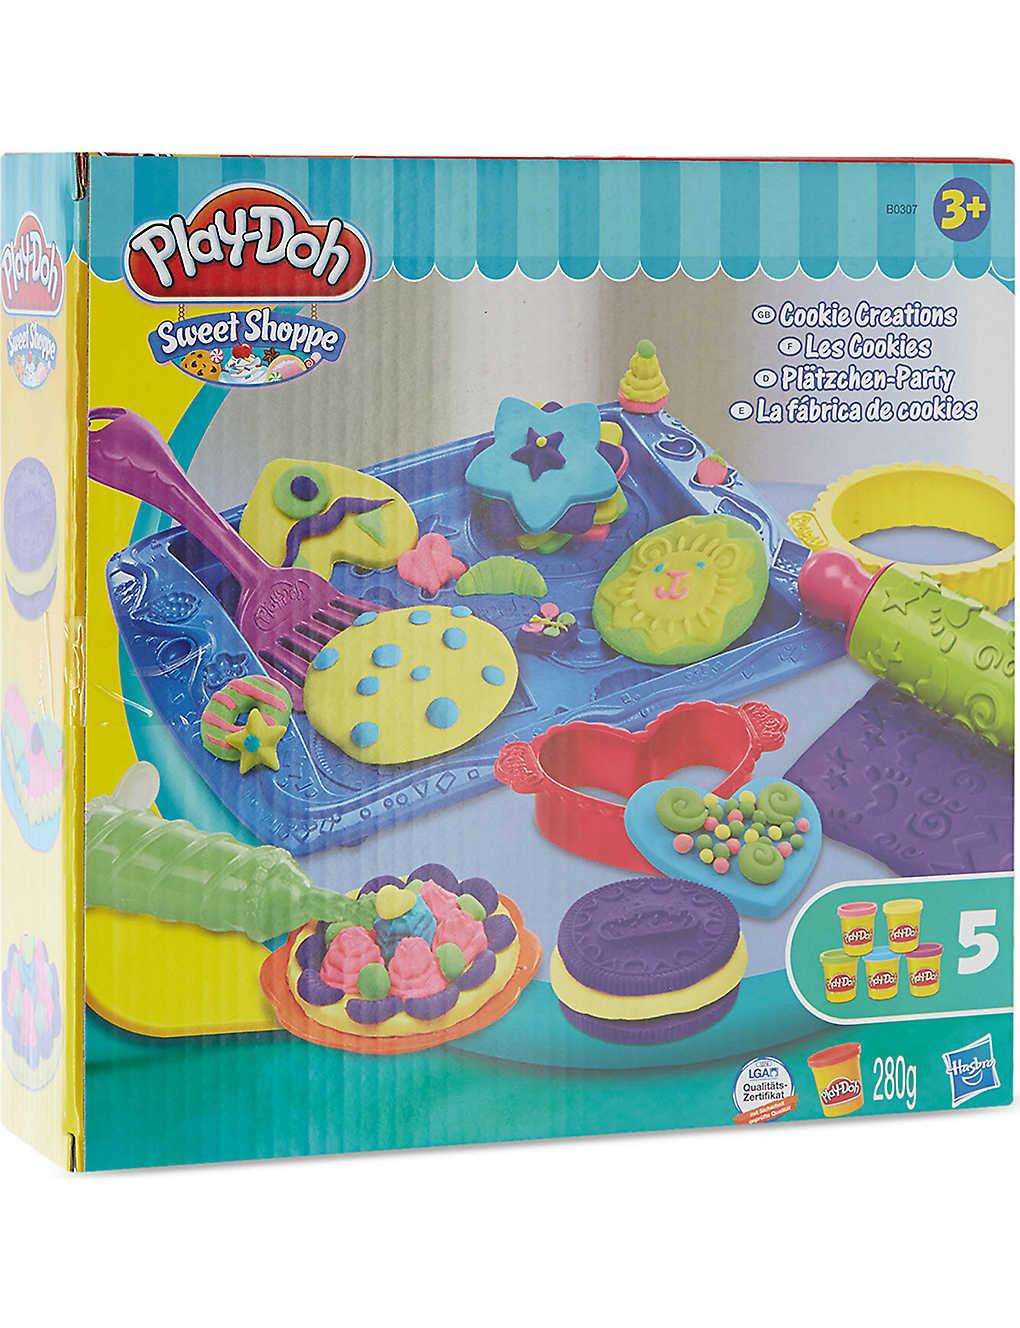 Weihnachtsplätzchen International.Playdoh Cookies Playset Selfridges Com